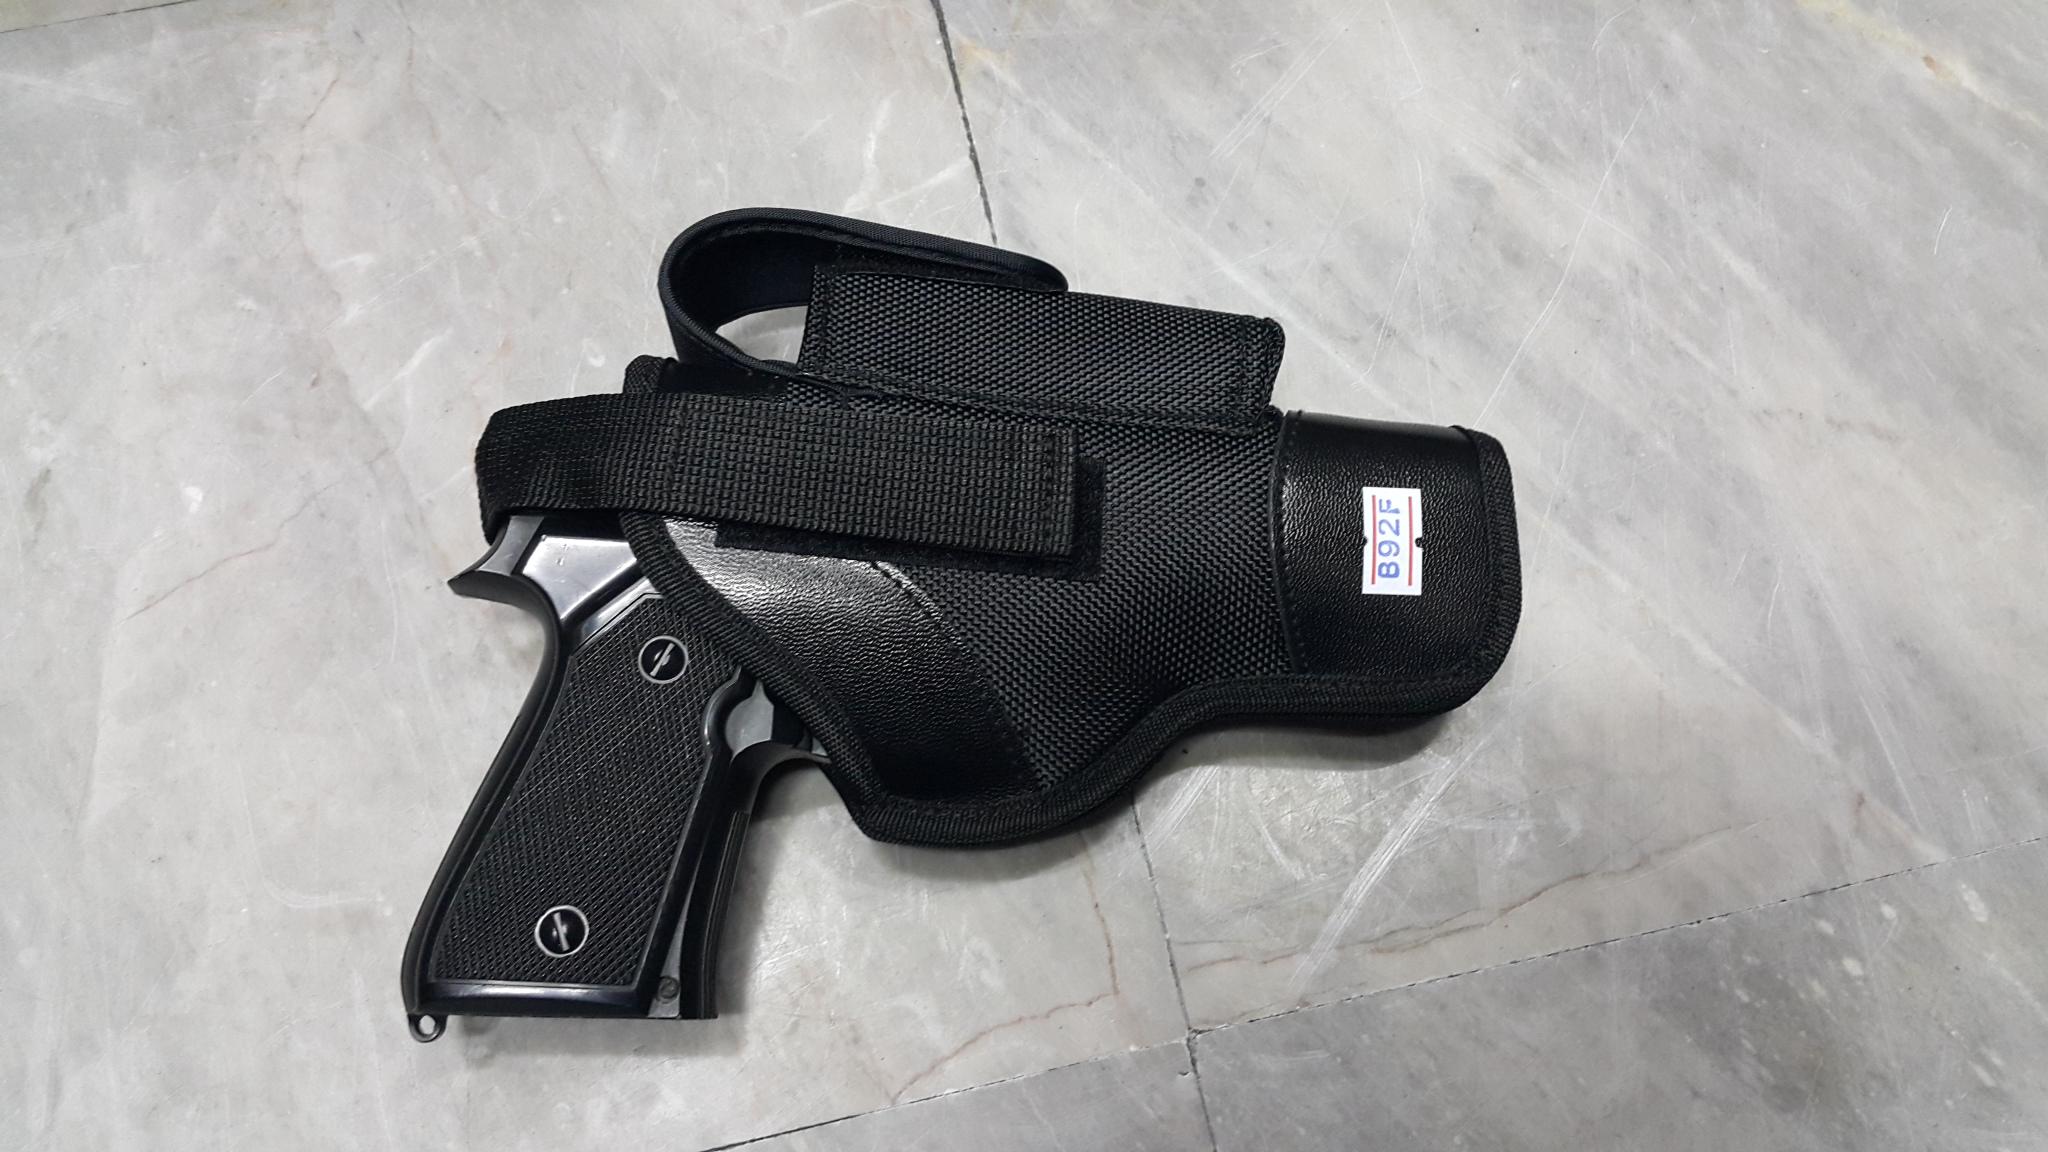 ซองปืนคาดเอว สอดเข็มขัด มี P320